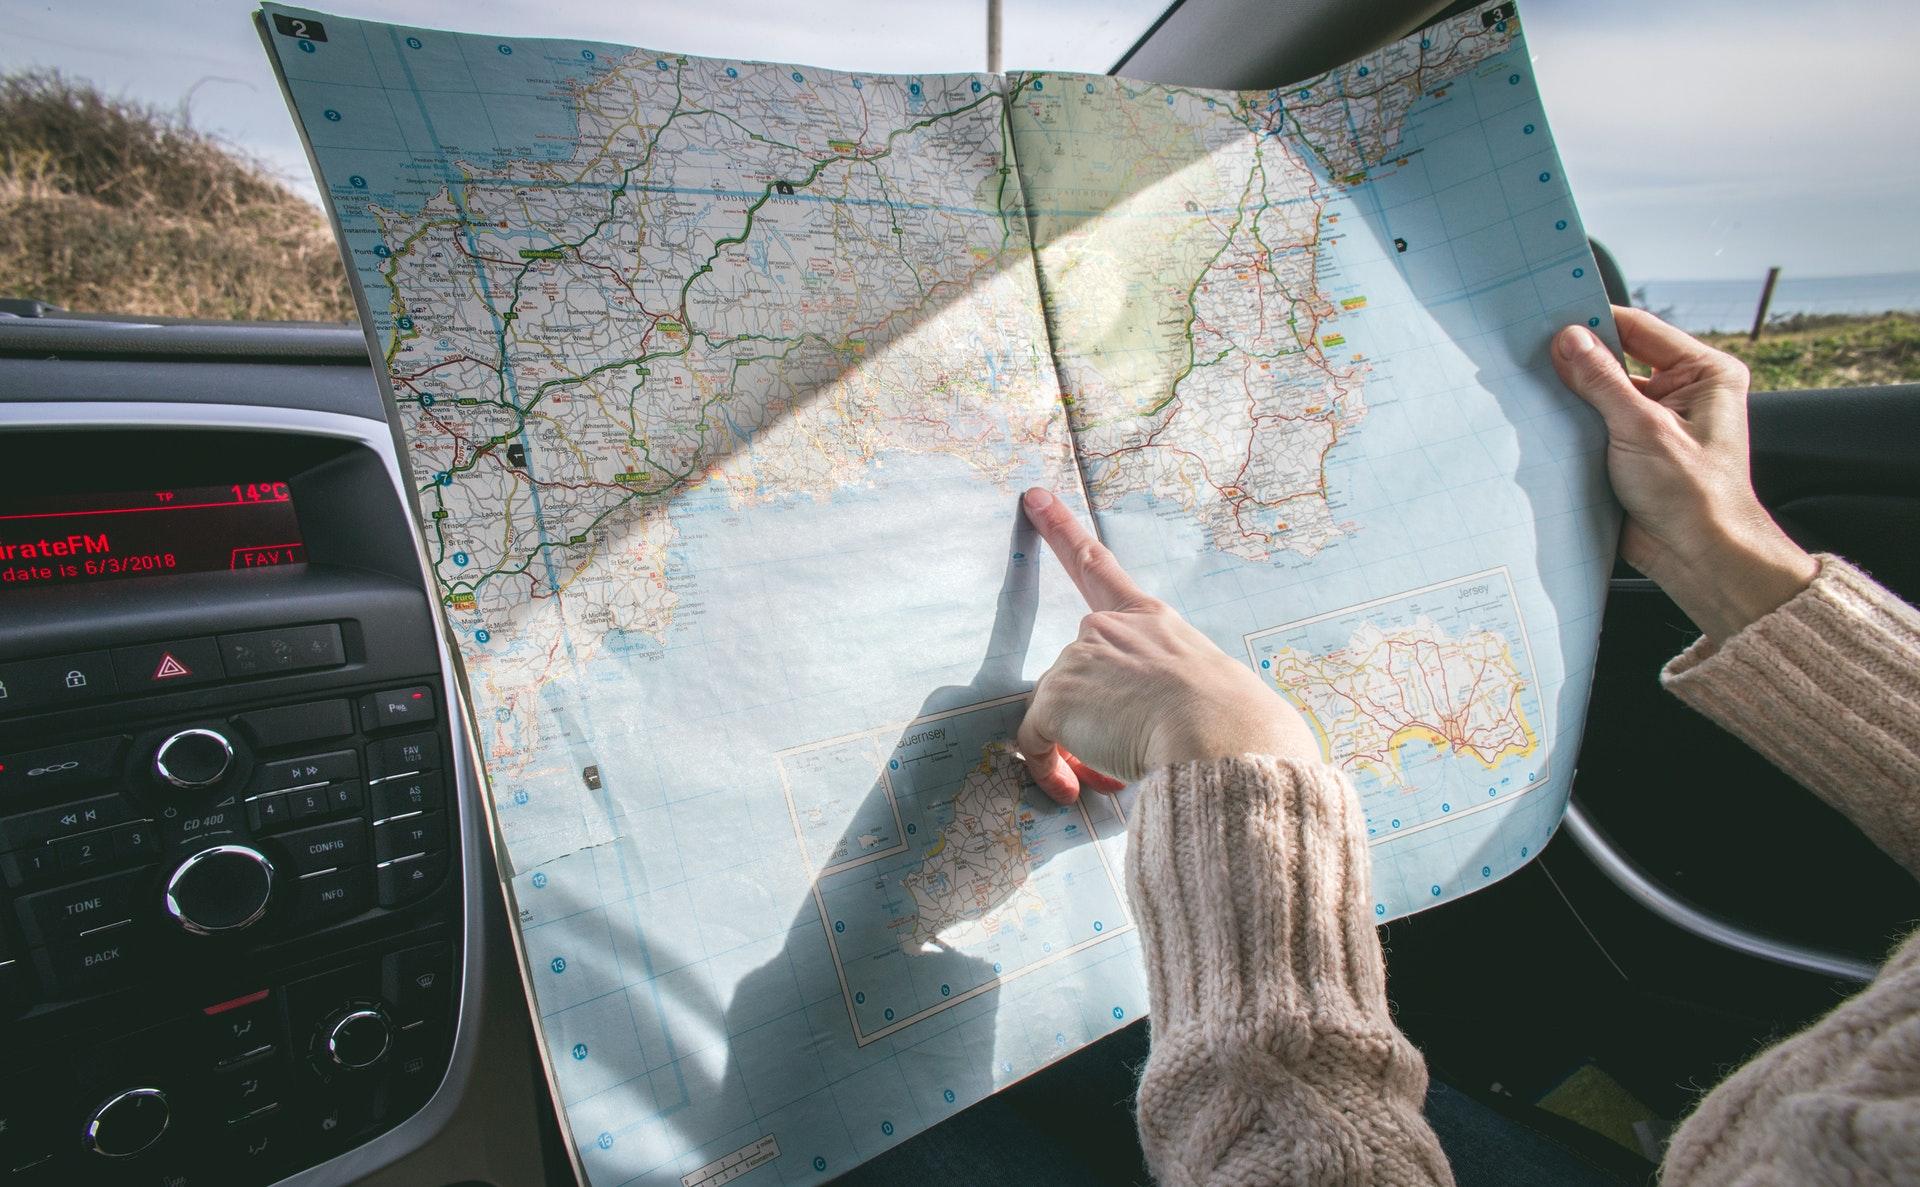 Uma pessoa, dentro de um carro, segura um mapa aberto enquanto aponta para uma região específica indicando o caminho (imagem ilustrativa). Texto: empresário individual.